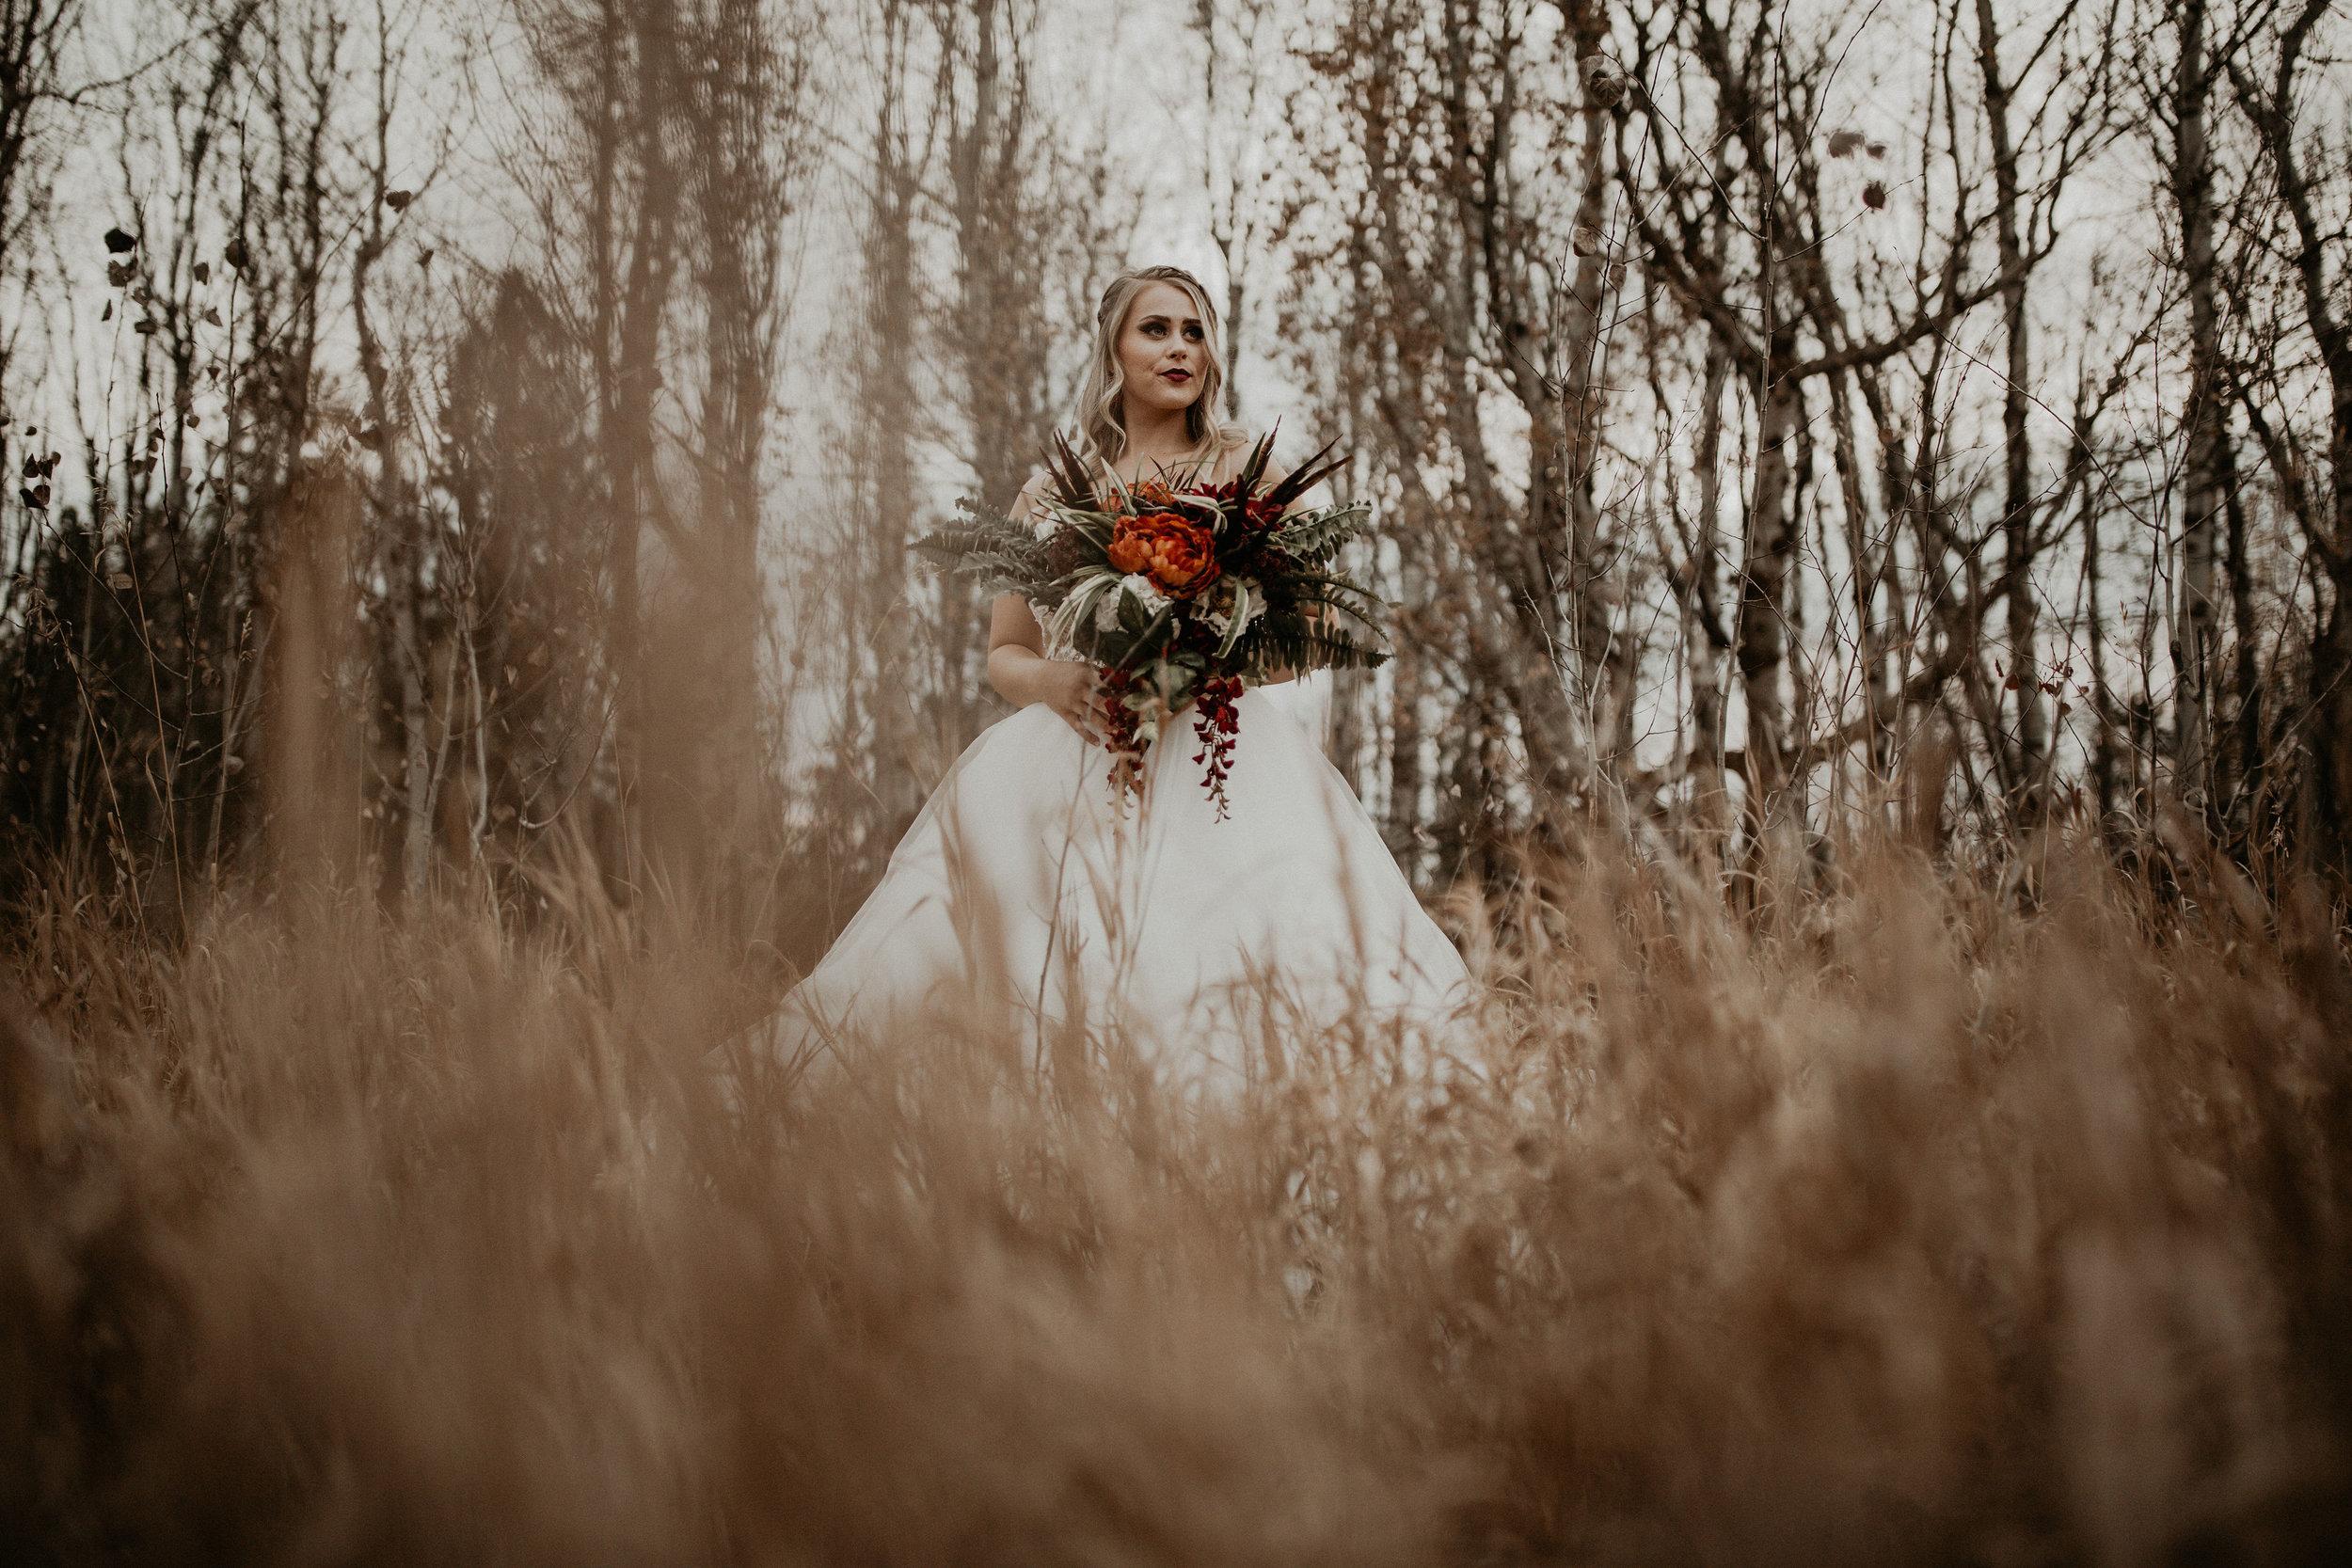 Spokane Fall wedding dress image in a field